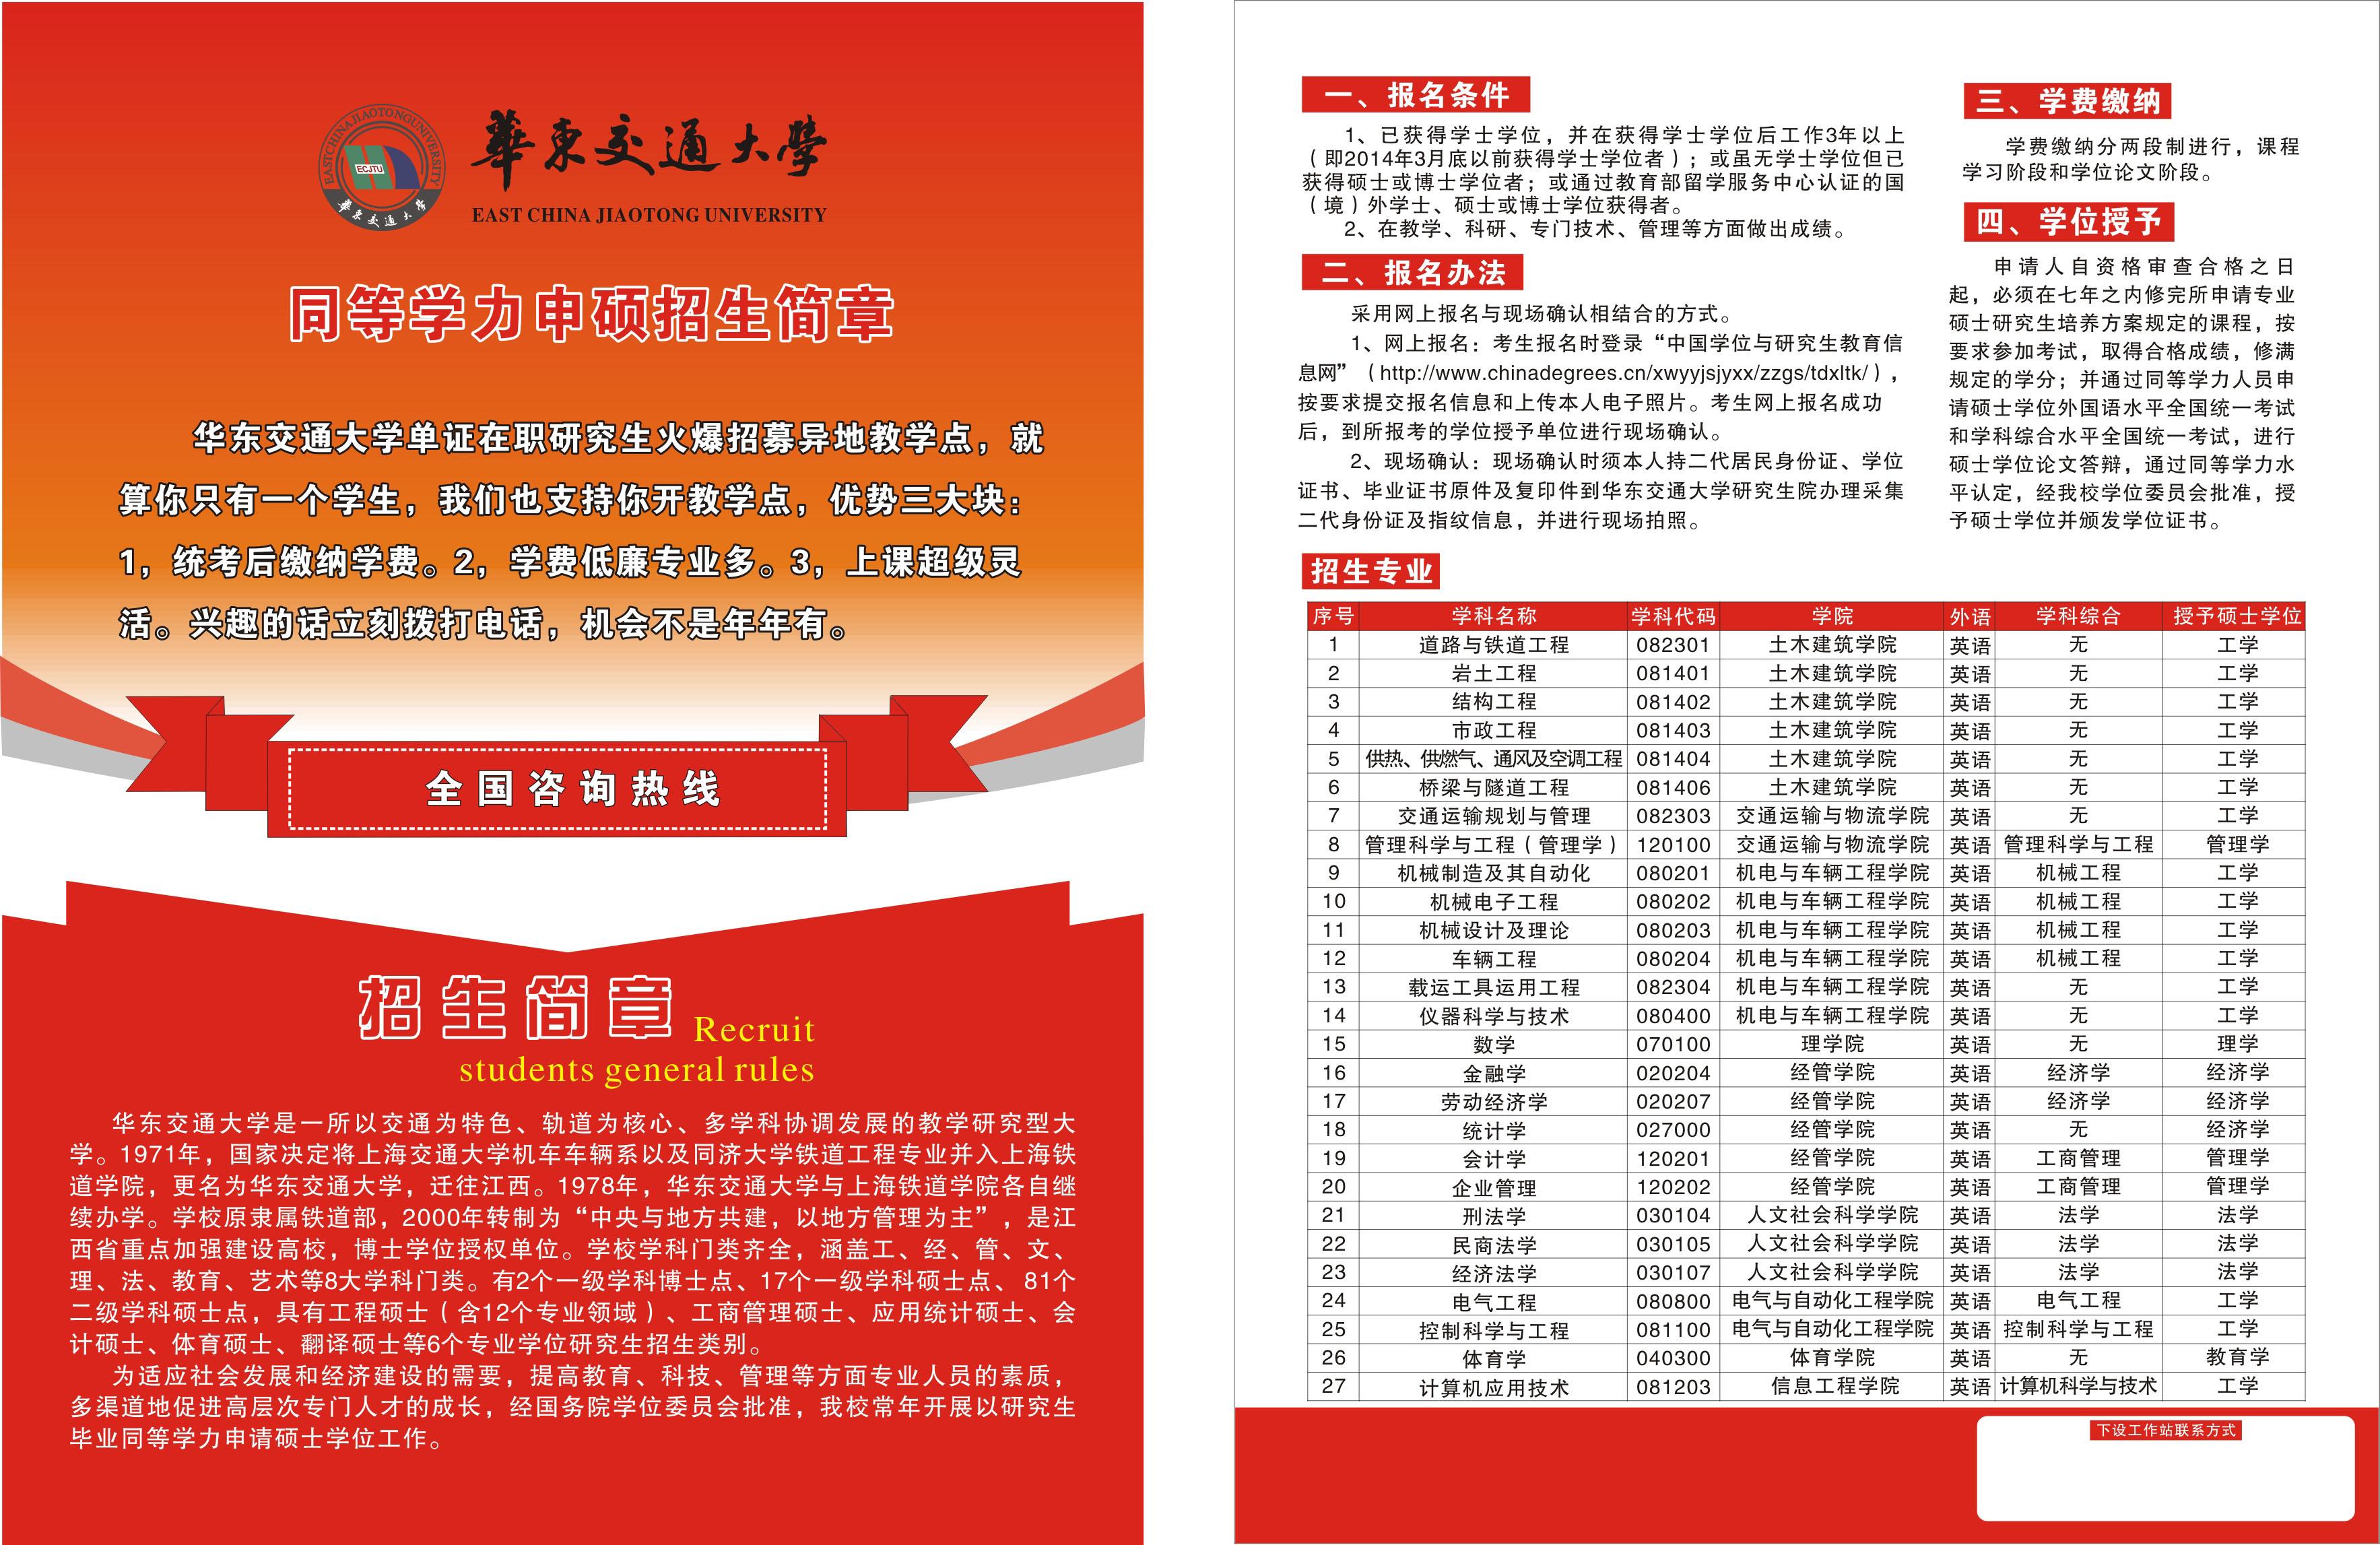 華東交通大學招生簡章.jpg